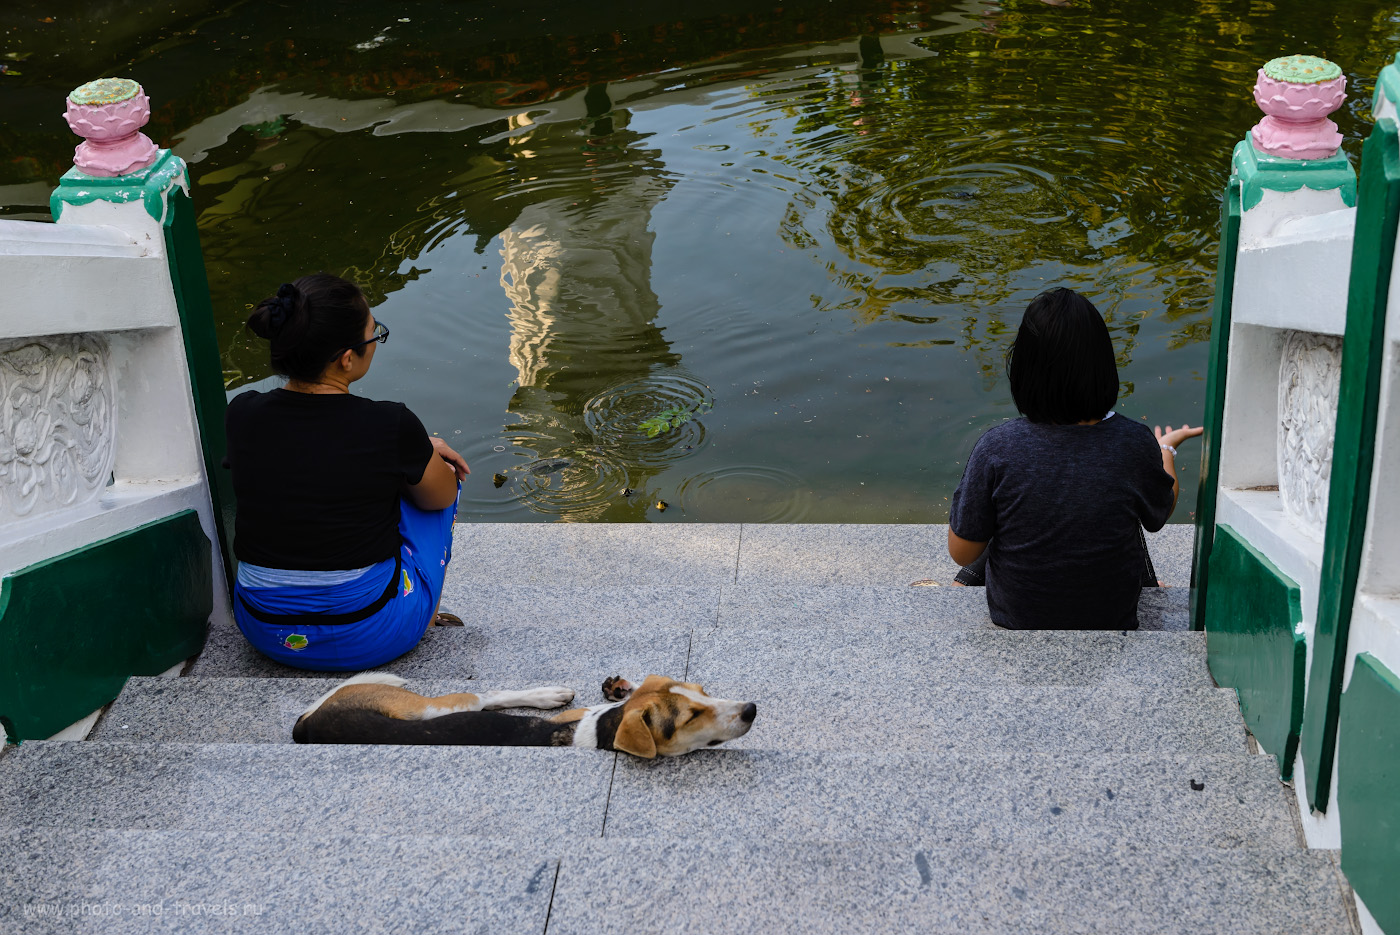 Фото 12. Тихий вечер в Паттайе. Обстановка в парке Wang Sam Sien умиротворяющая и расслабляющая. Рассказ про вечер, двух женщин, их собаку и трех любопытных черепах. Экскурсия к Большому Будде на холме Пратамнак (Pratumnak Hill). 1/100, 8.0, 220, 50.